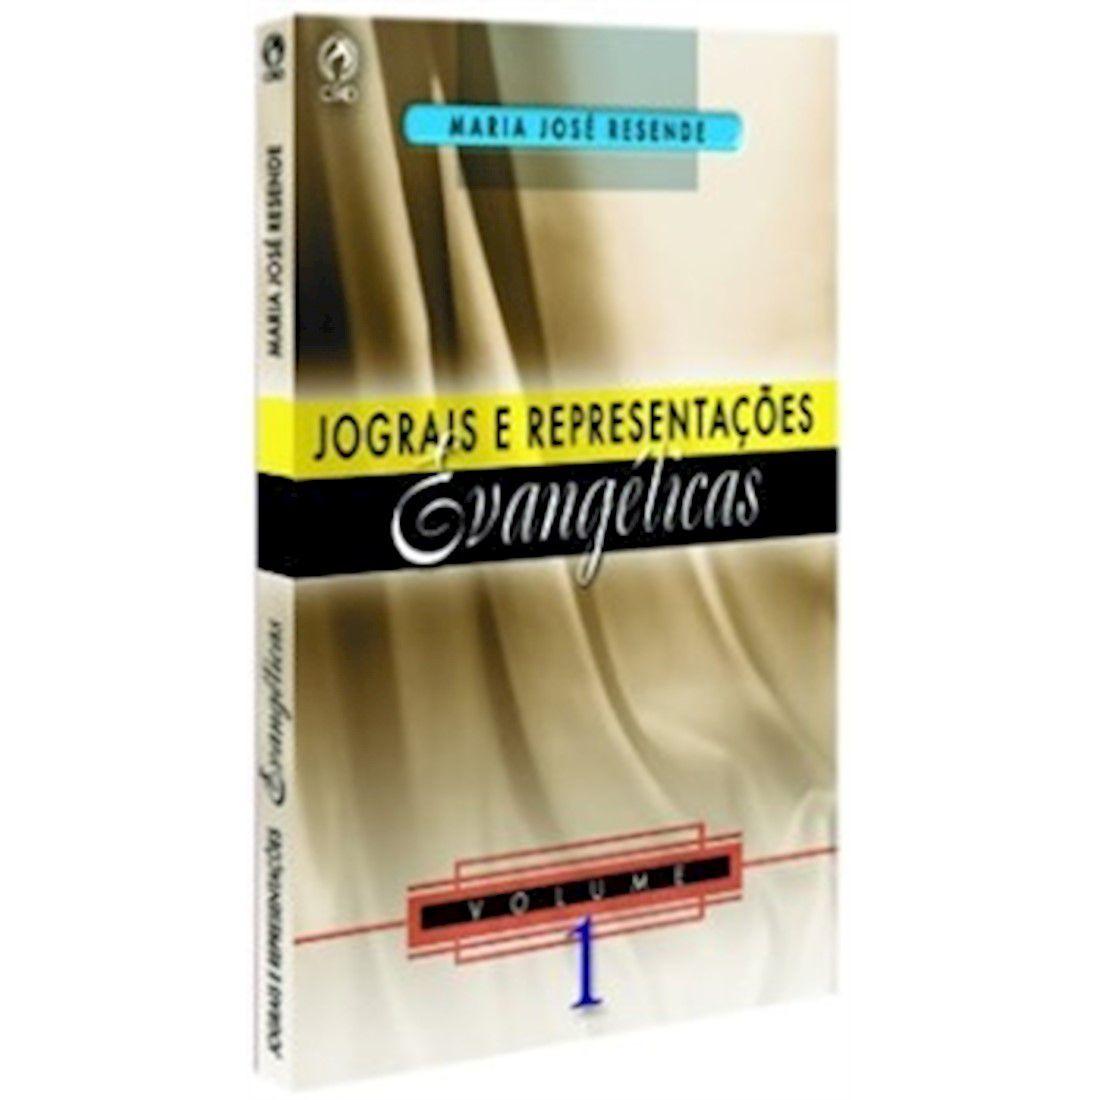 Livro Jograis e Representações Evangélicas Vol I